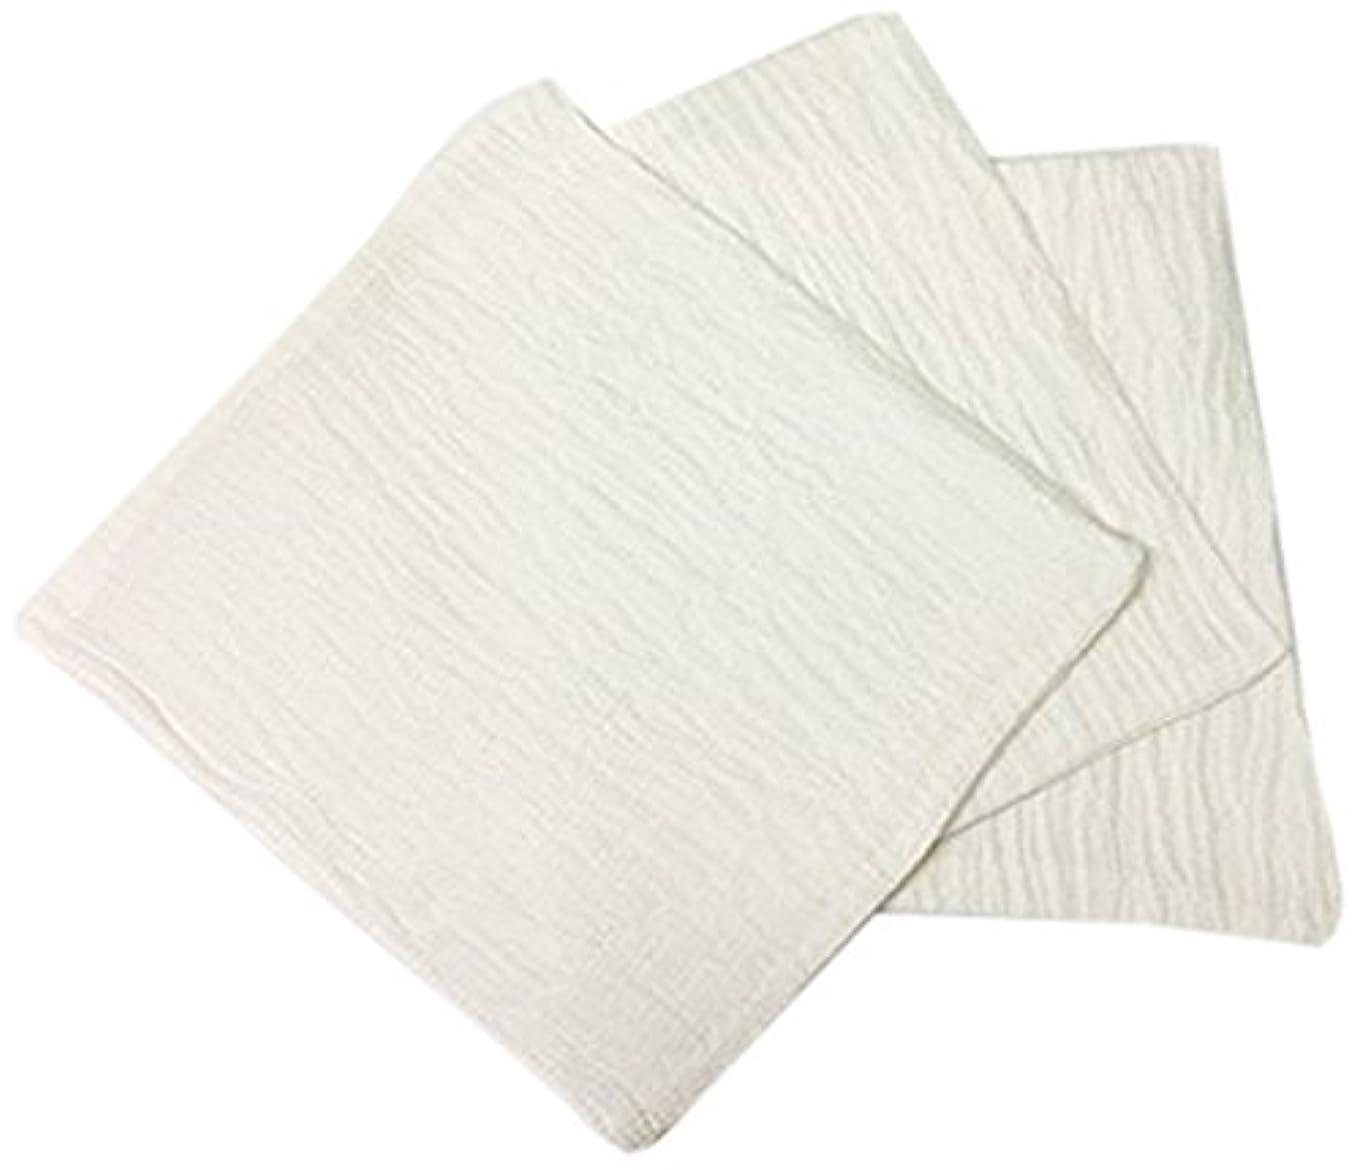 溶けた荒涼としたリーガンくーる&ほっと シルクを加えた ちょっと贅沢な シルク & レーヨン あかすり 袋タイプ 日本製(群馬県で製造)3枚 ホワイト